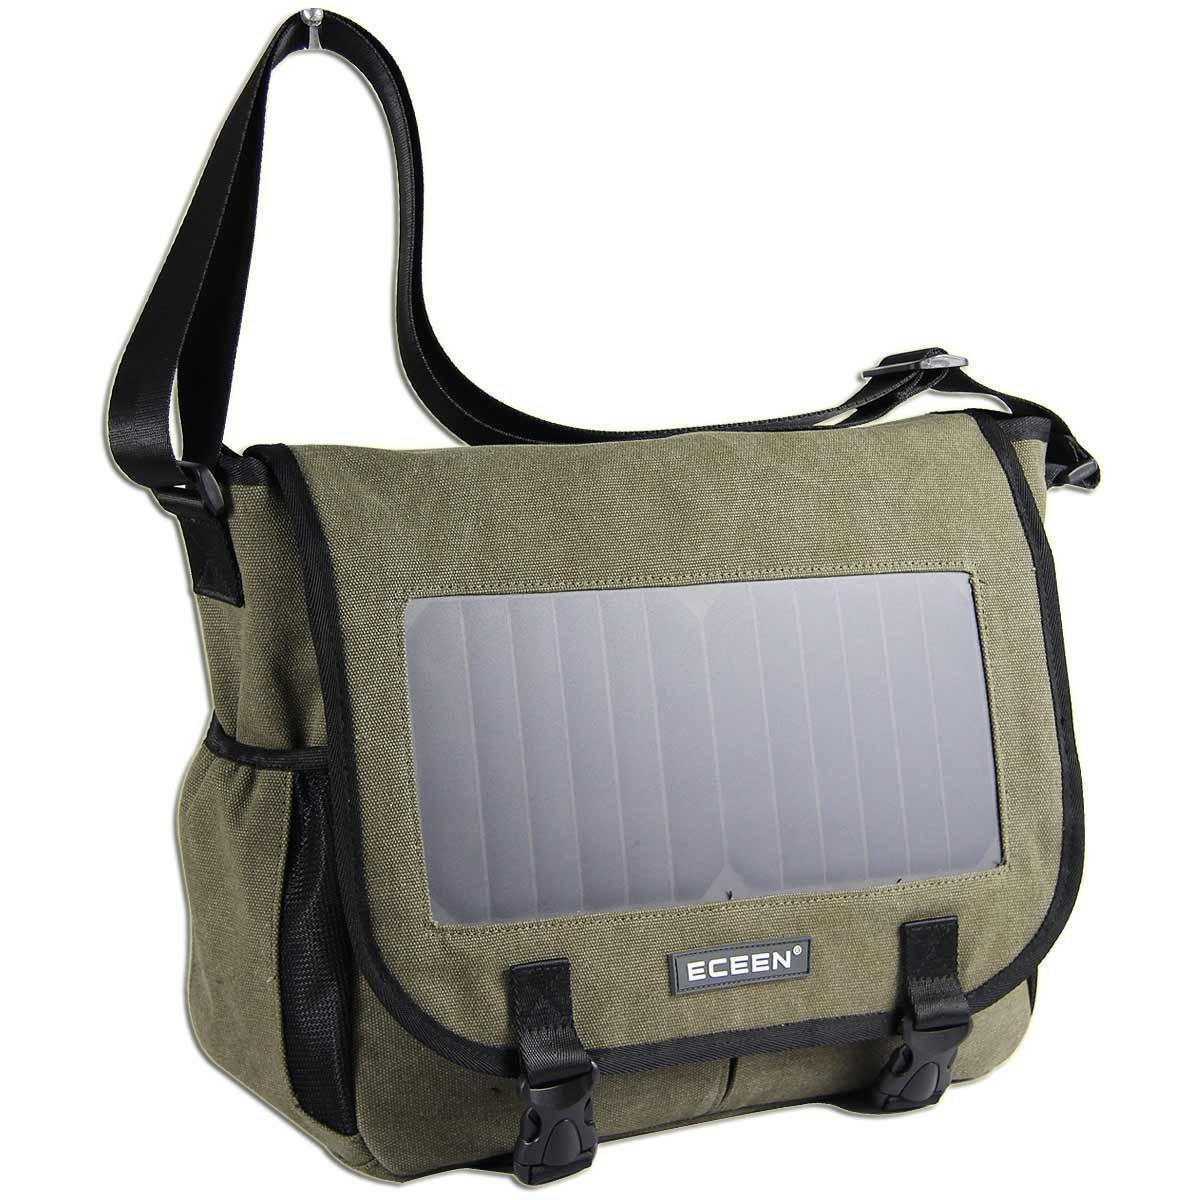 ECEEN Solar Message Bag Single Shoulder Pack with 7 Watts Solar Panel & 5V Voltage Regulator Charging for Smart Phones Digital Cameras Speakers Devices